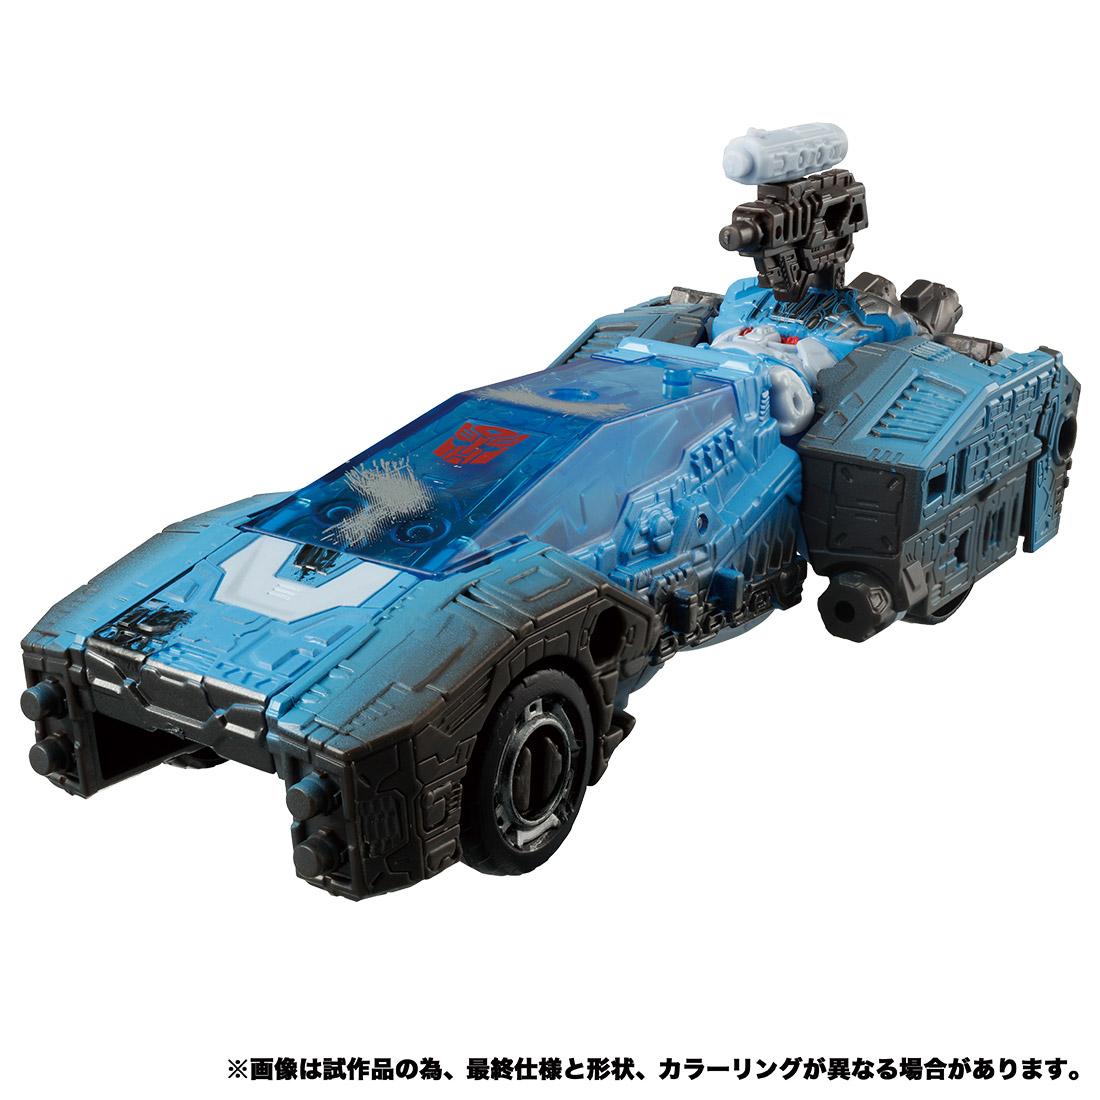 トランスフォーマー ウォーフォーサイバトロン『WFC-03 クロミア』可変可動フィギュア-002